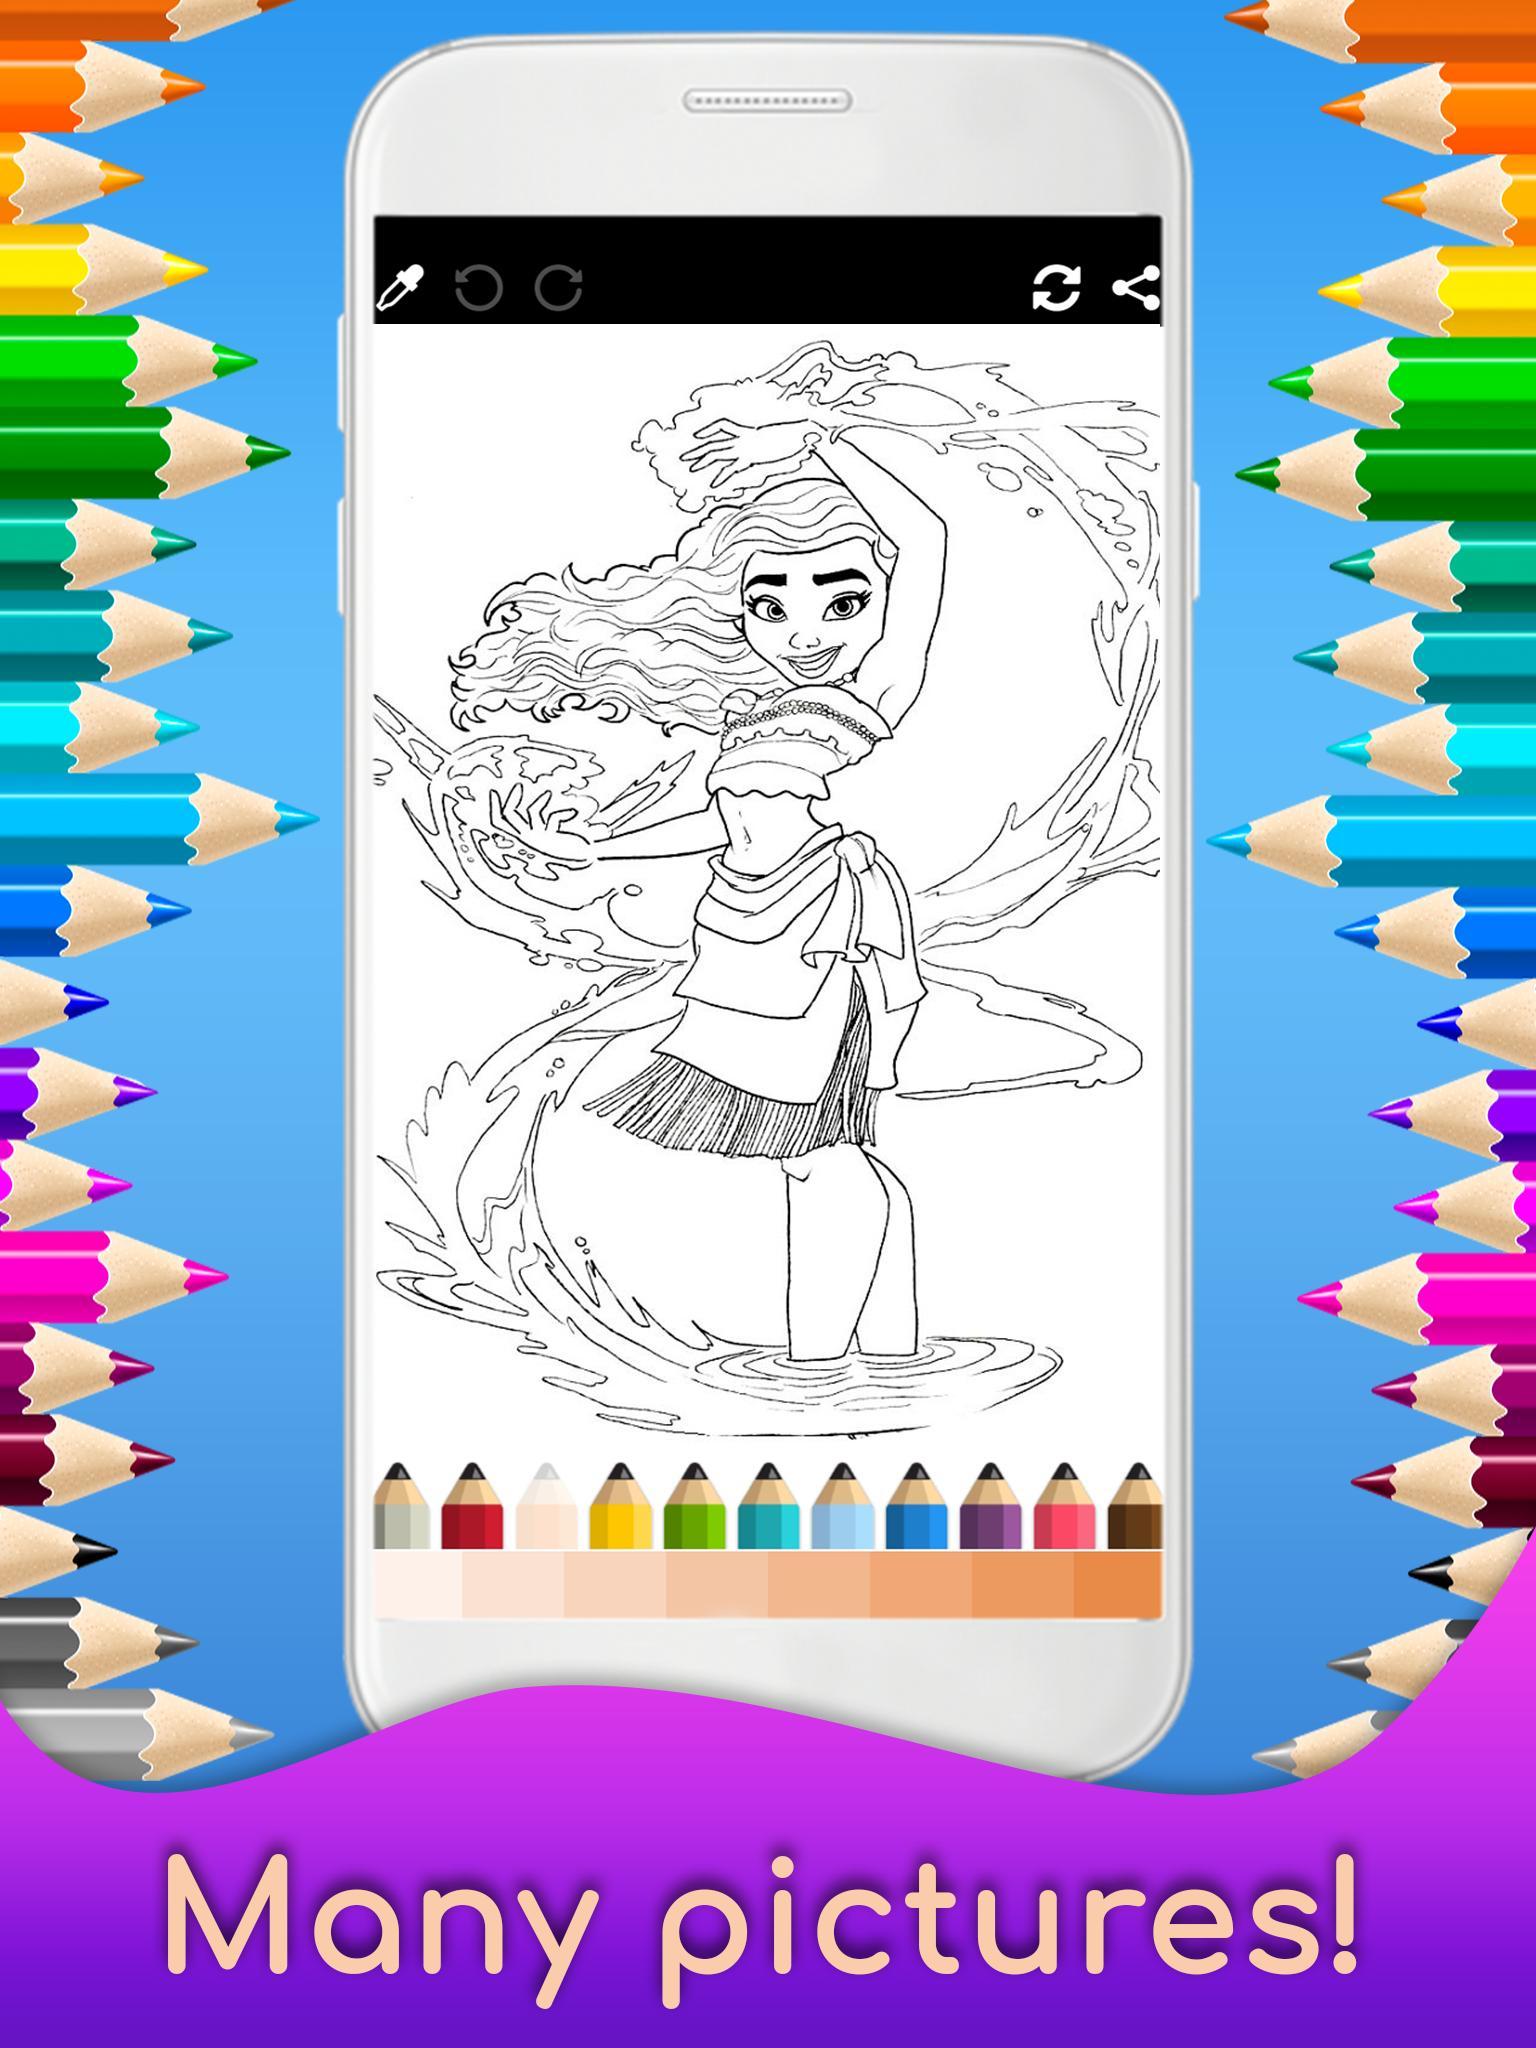 Mewarnai Moana Untuk Anak Anak For Android APK Download